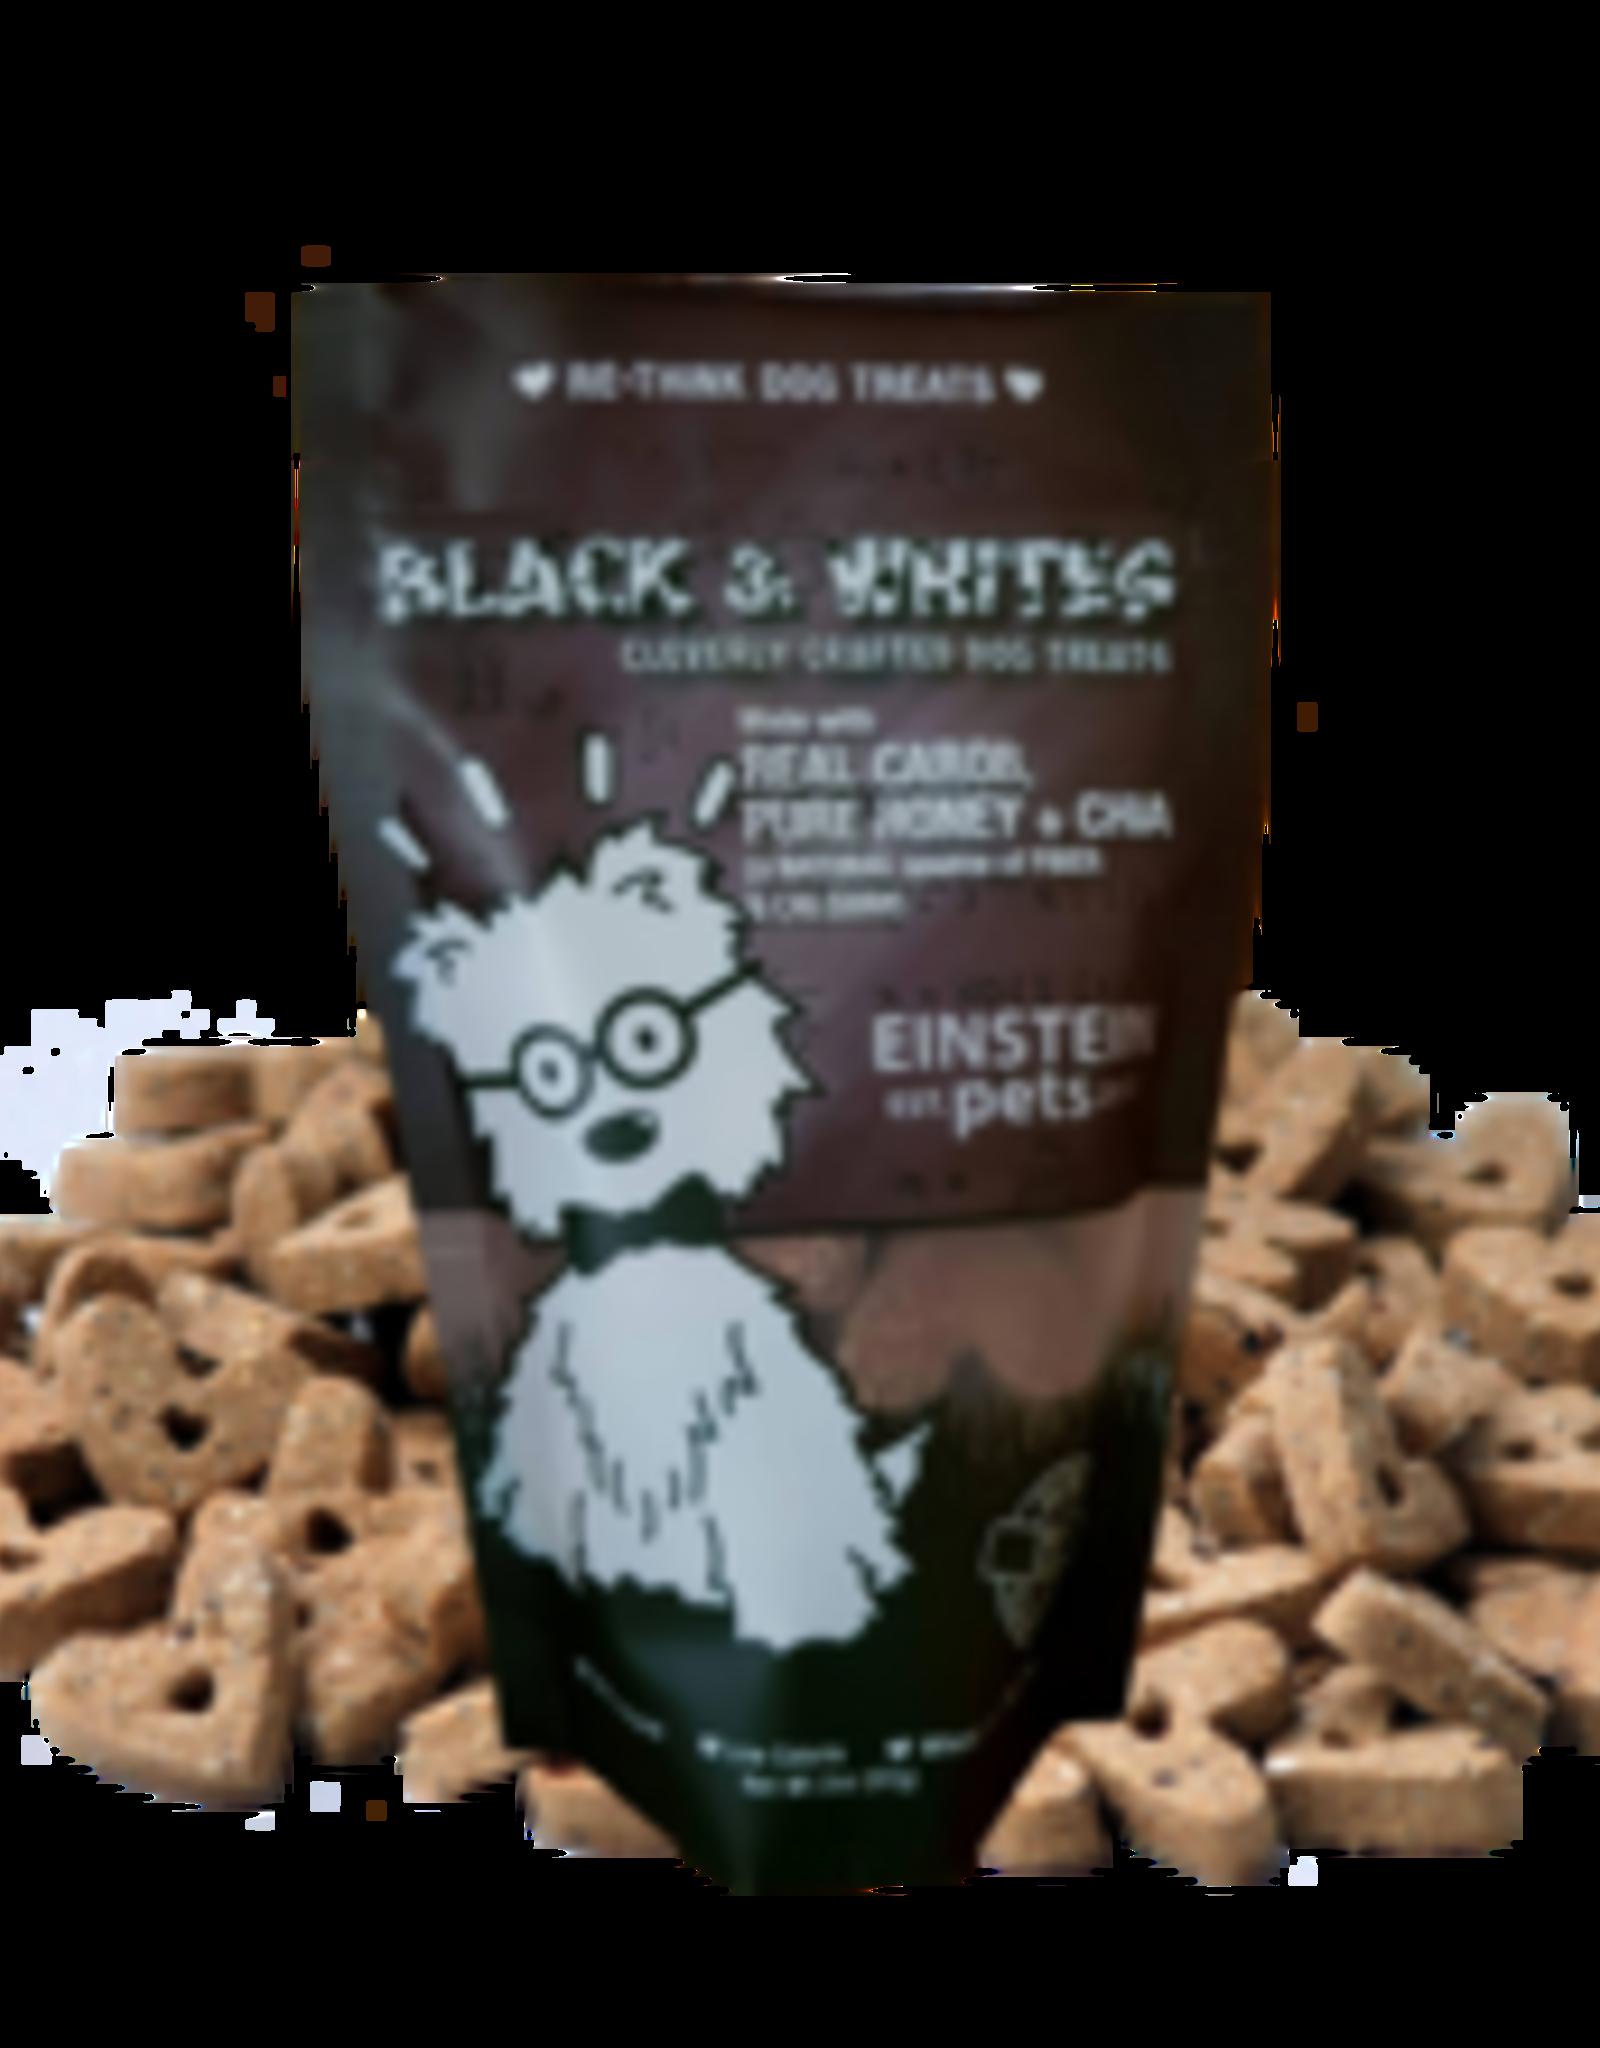 Einstein Pets Black & Whites 8oz